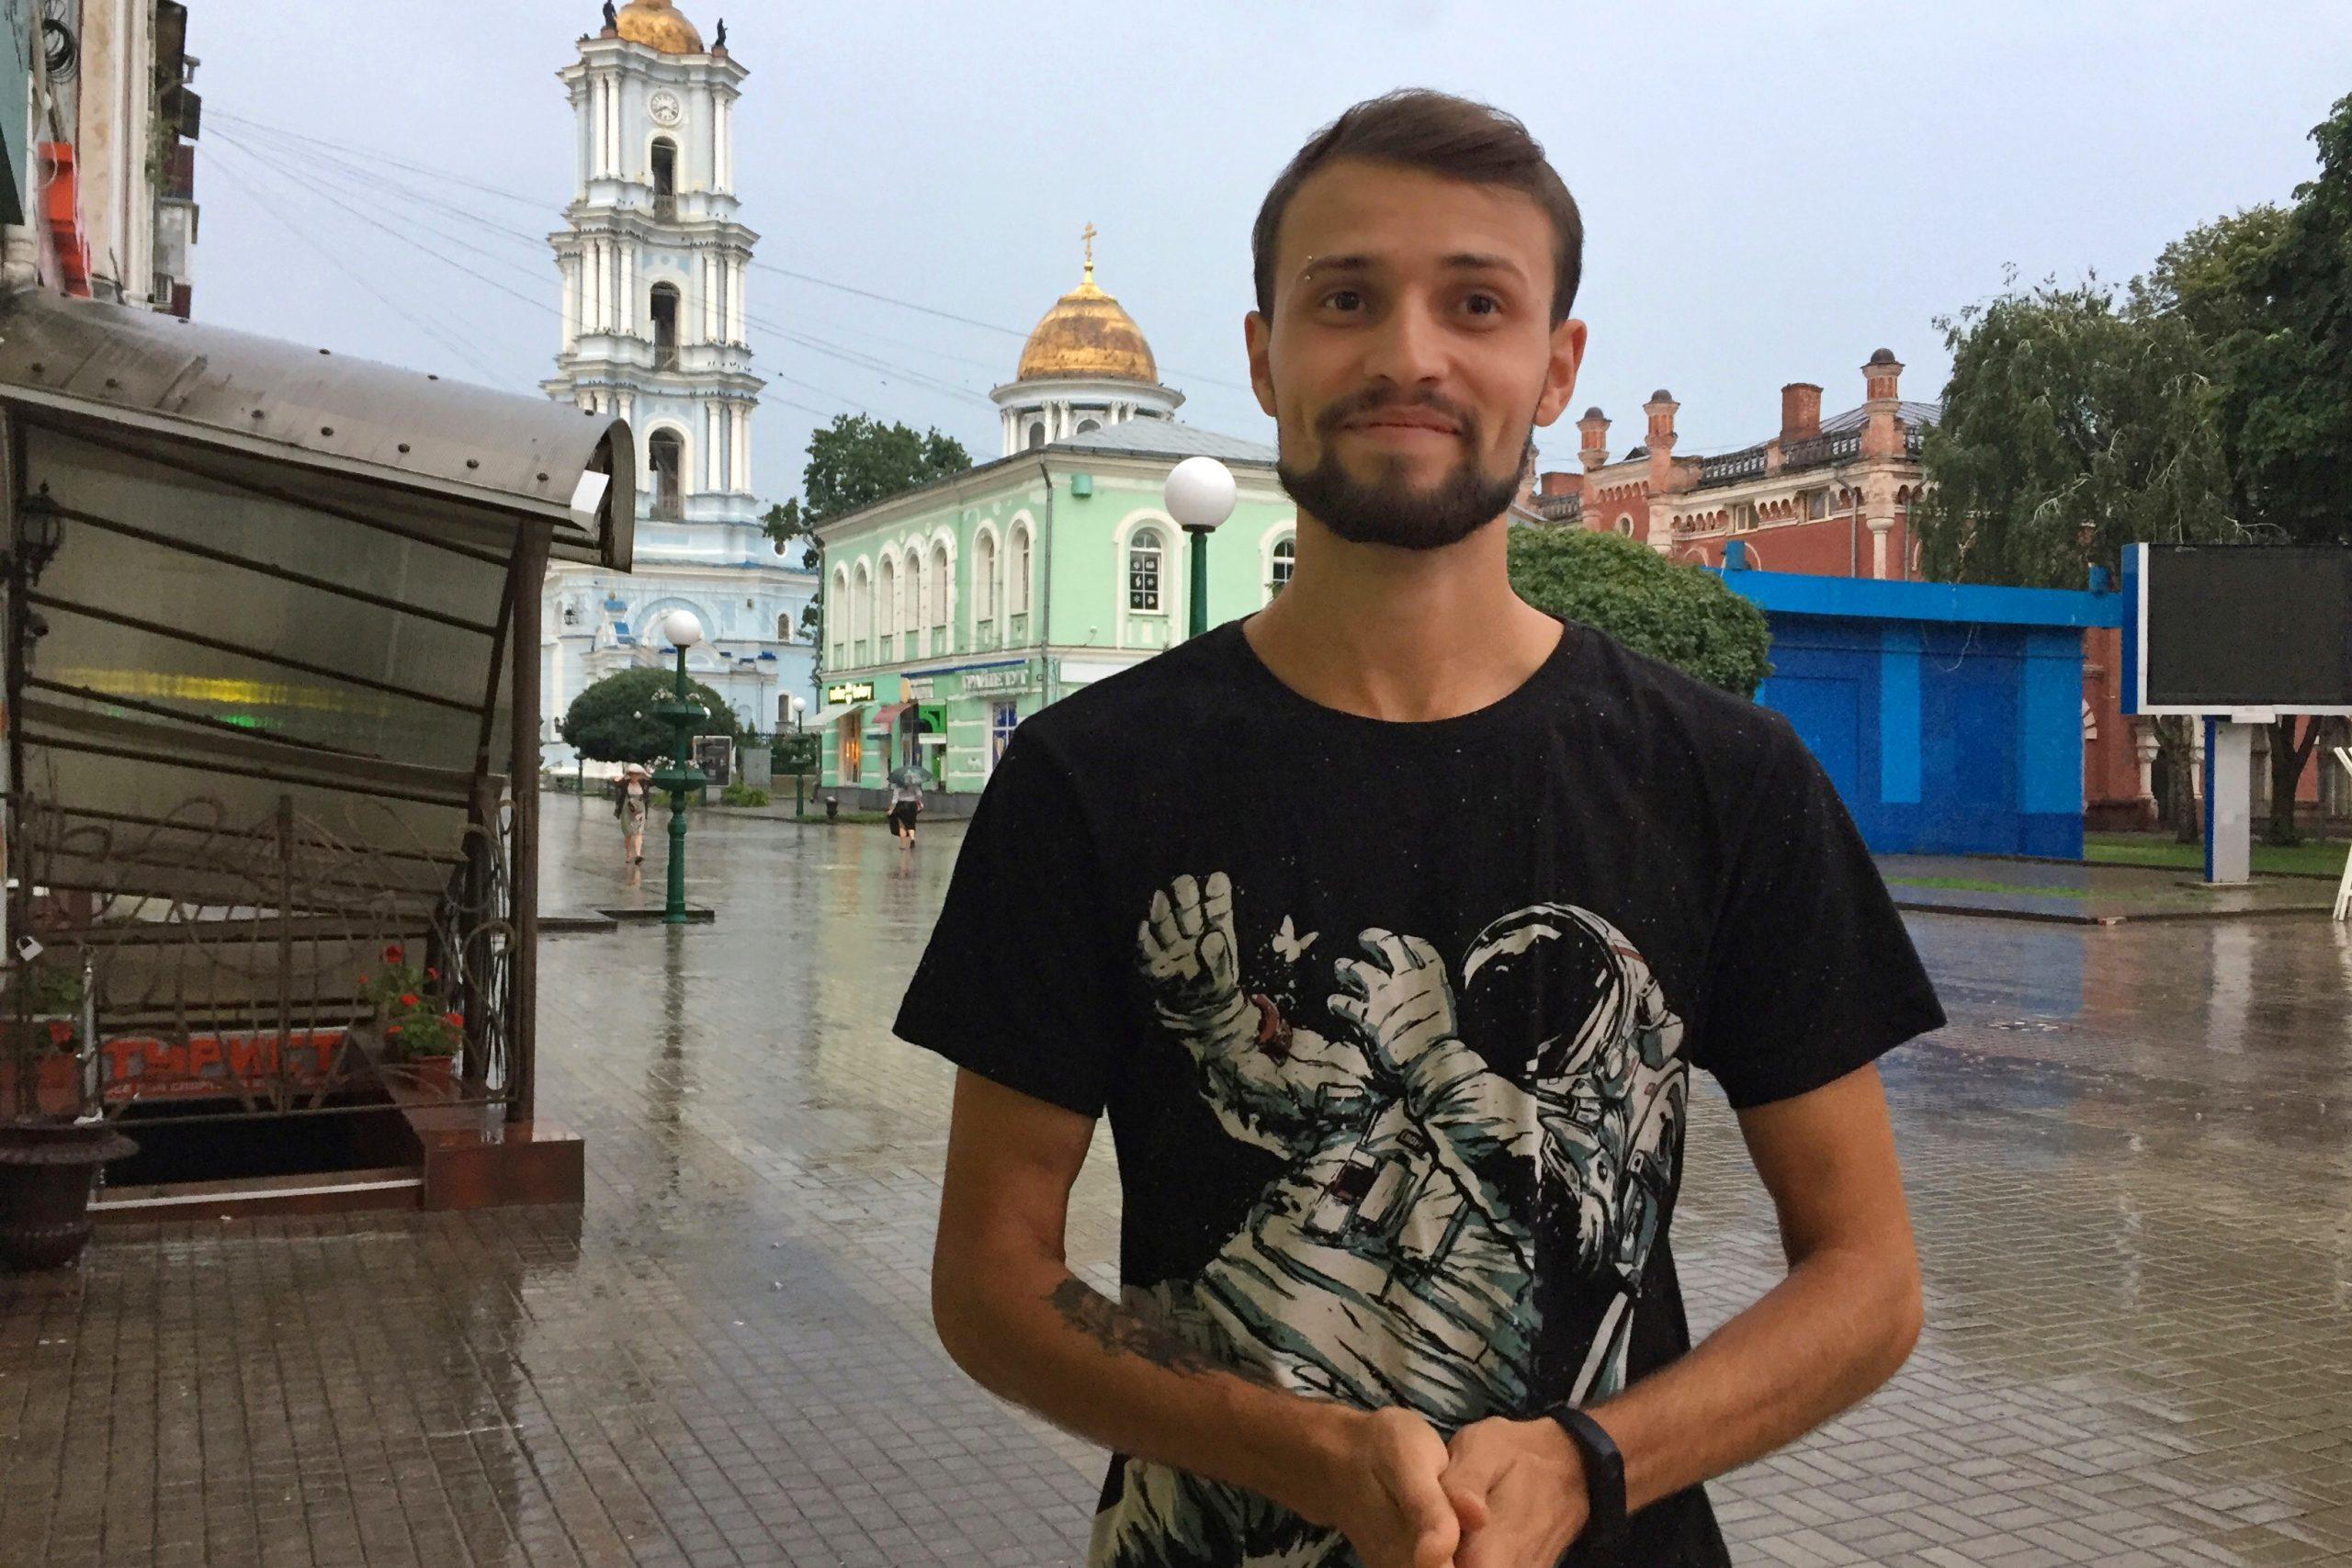 nagayovskij